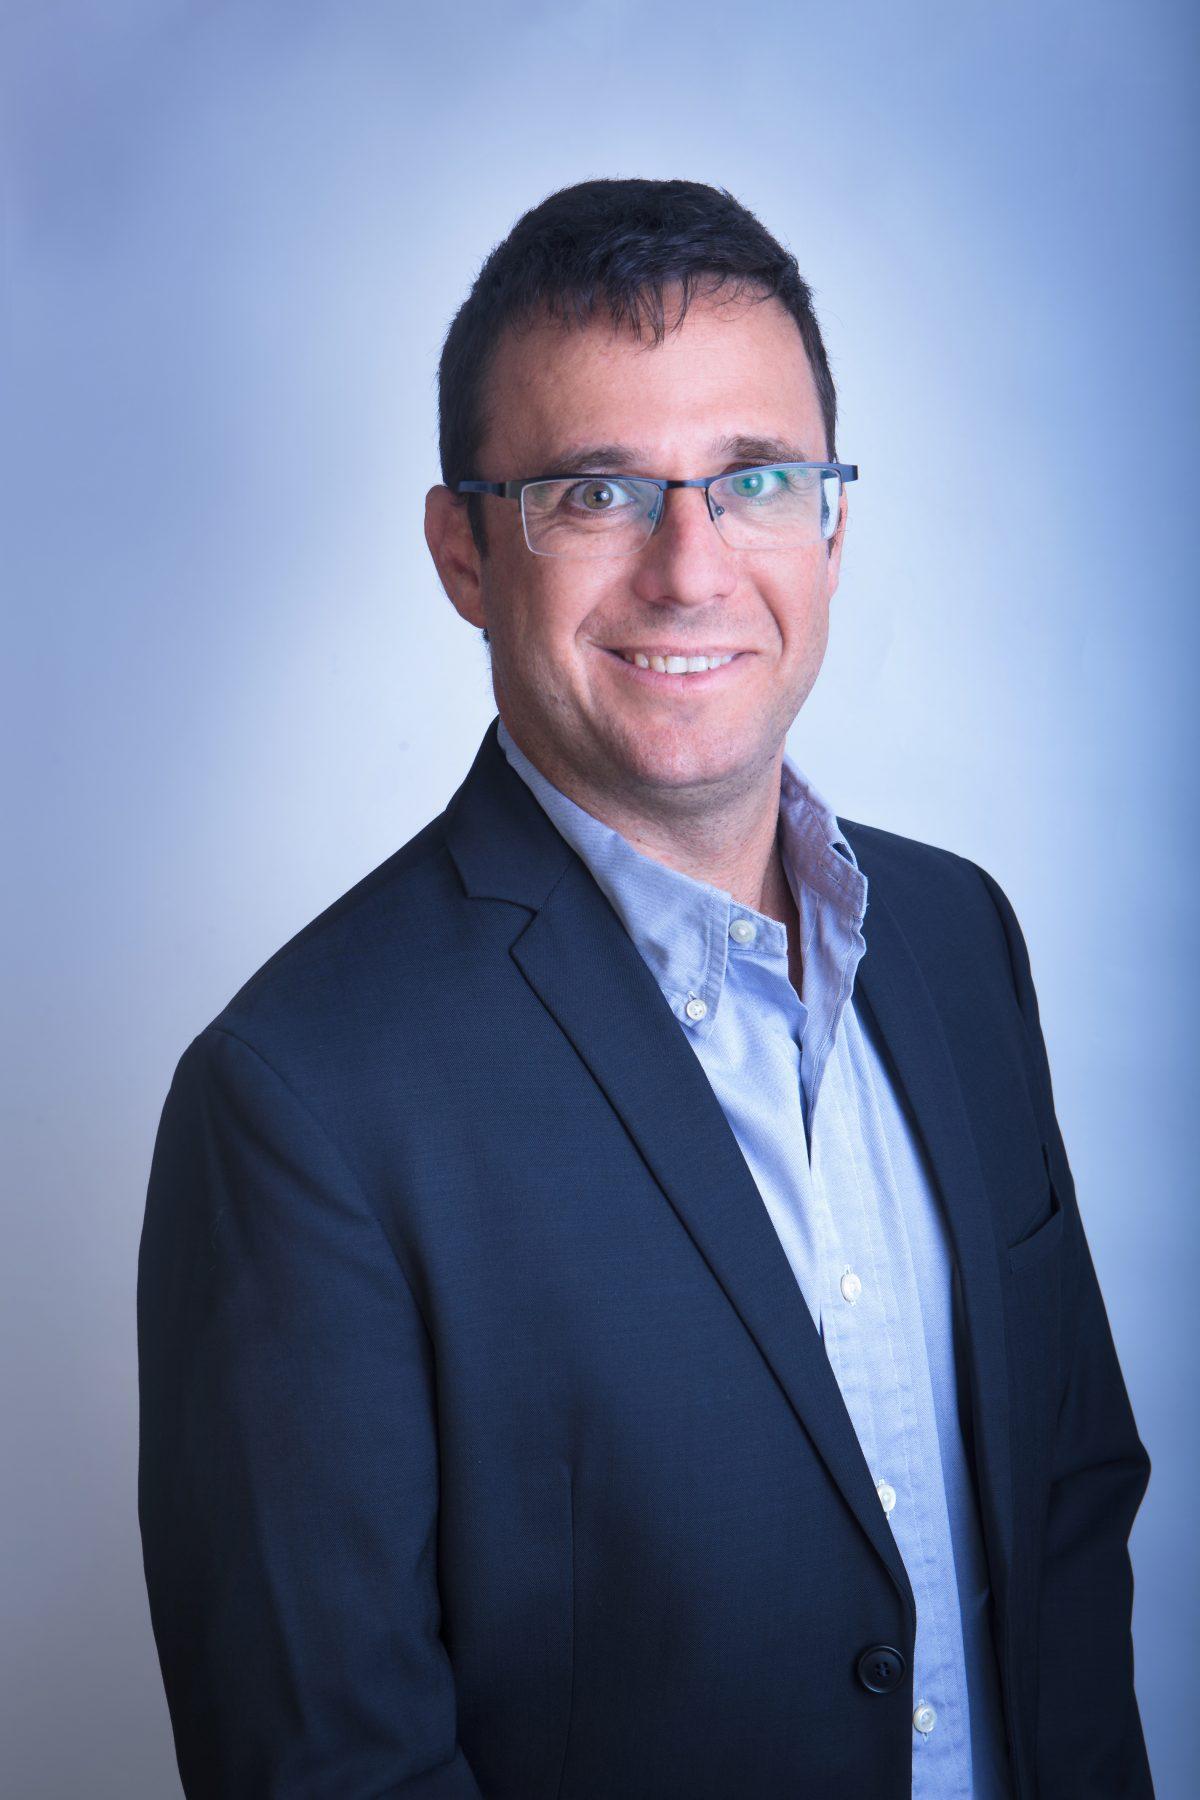 ראיון של דן הלמן בערוץ 12 – כל מה שצריך לדעת על מיחזור פסולת אלקטרונית